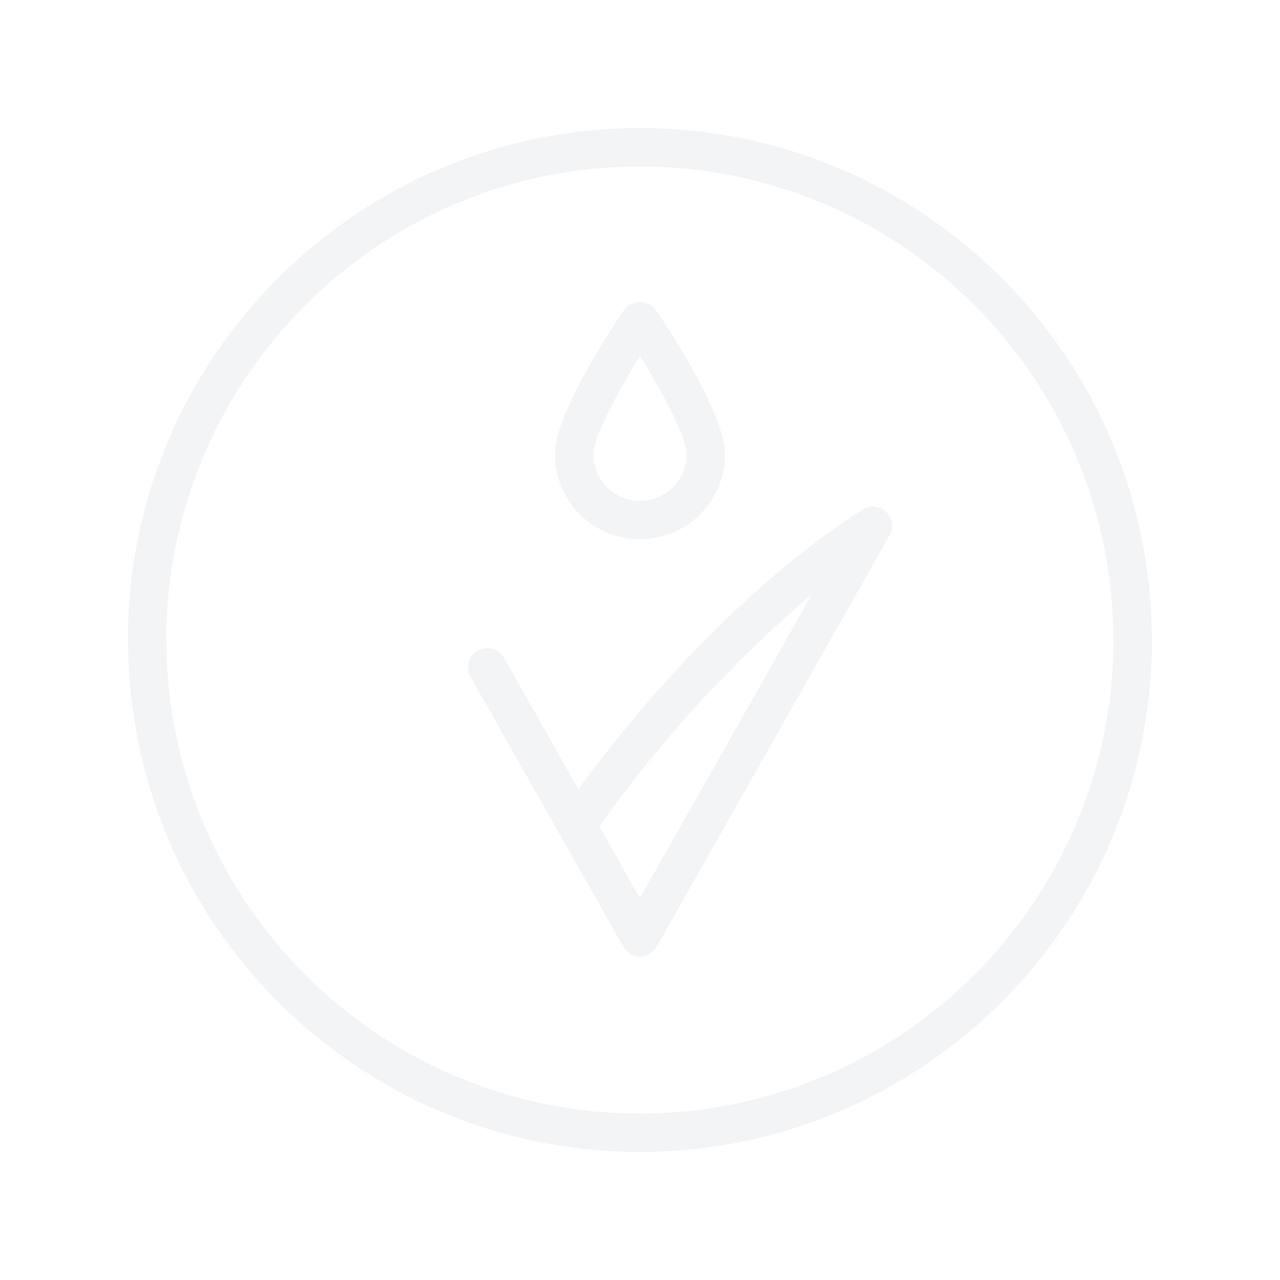 E.L.F. Everyday Smoky Eyeshadow Palette 14g